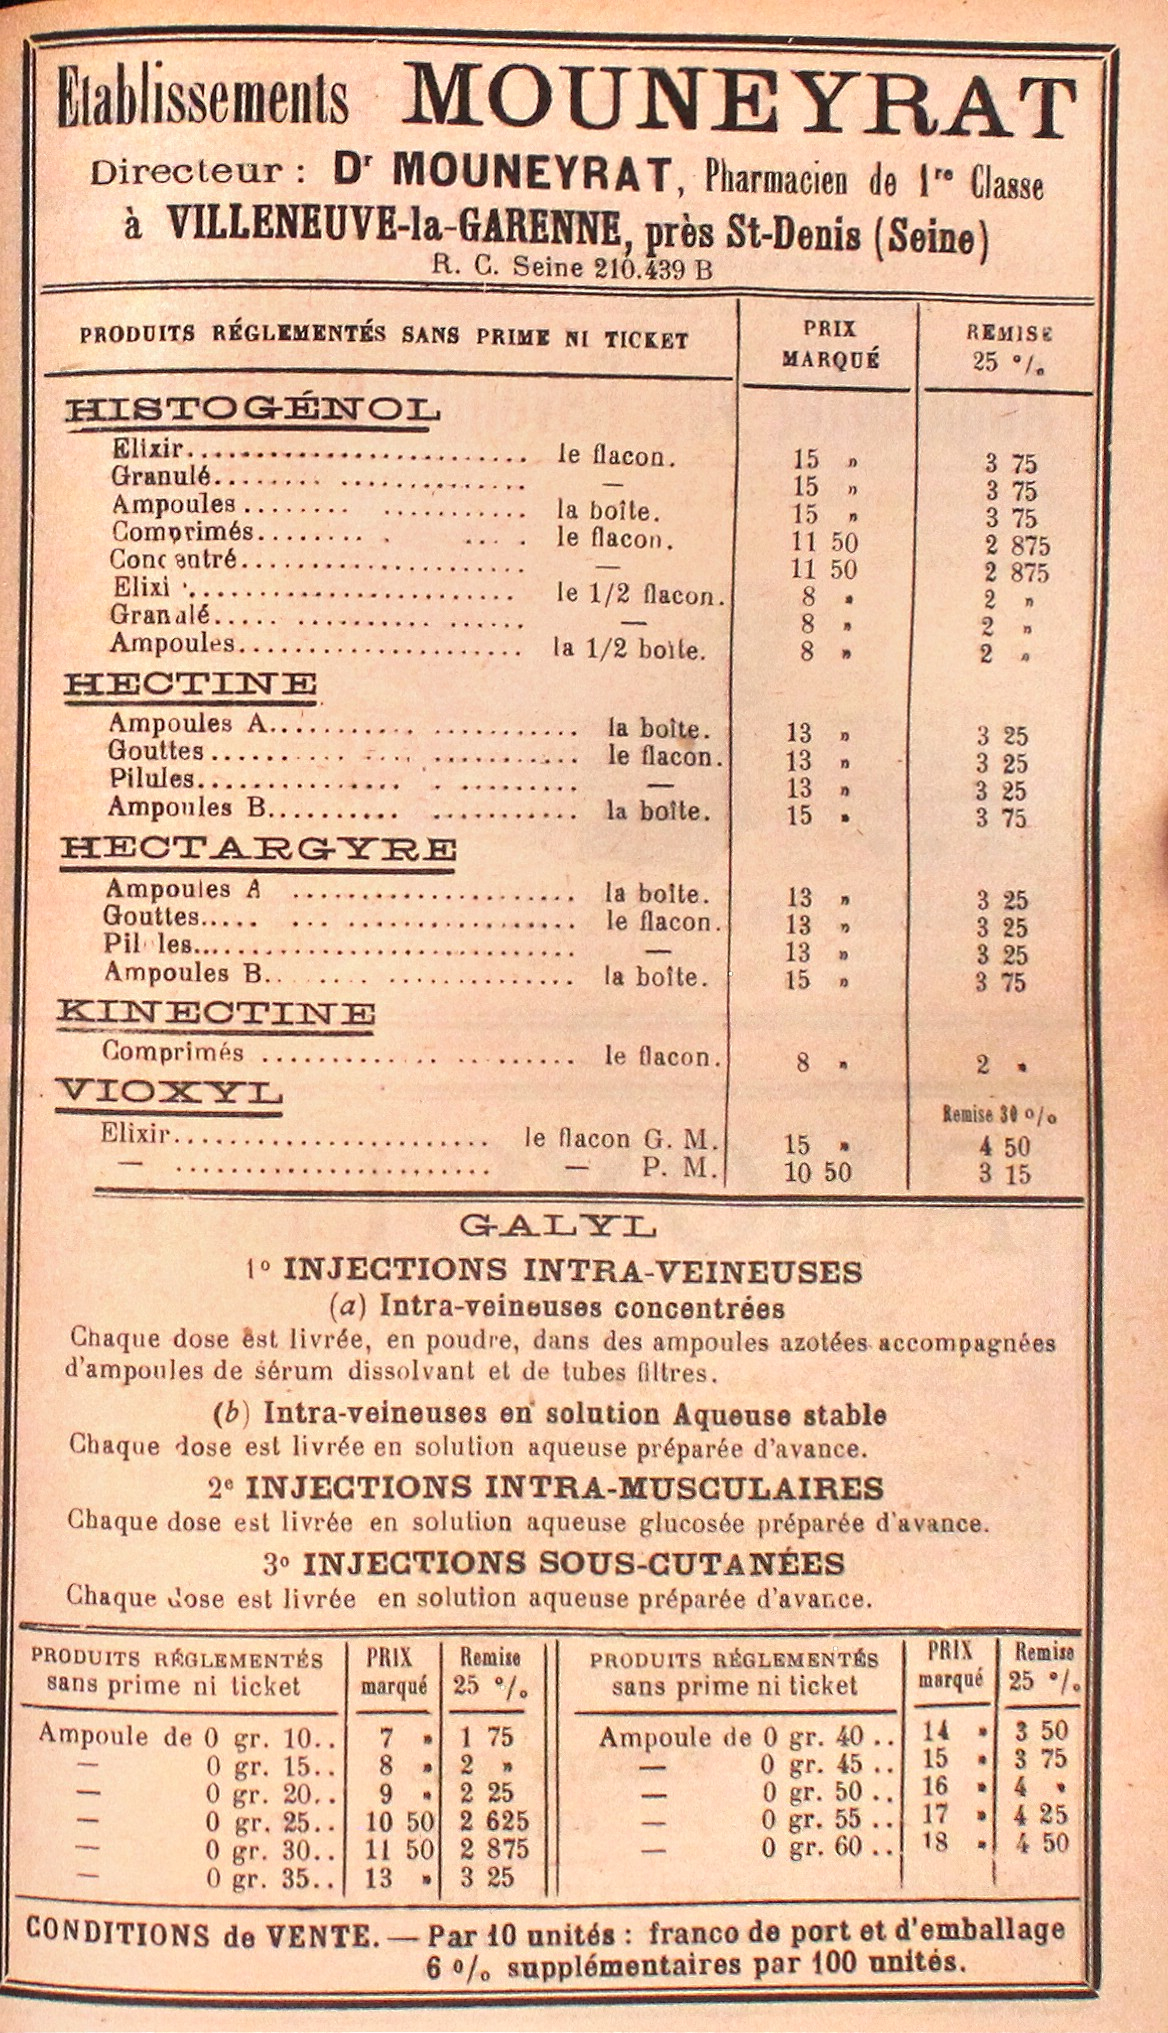 Galyl Advertisement      in     L'Union Pharmaceutique    71, no. 9 (1930), p. 571.                         (Courtesy of   Bibliothèque Interuniversitaire de Santé)